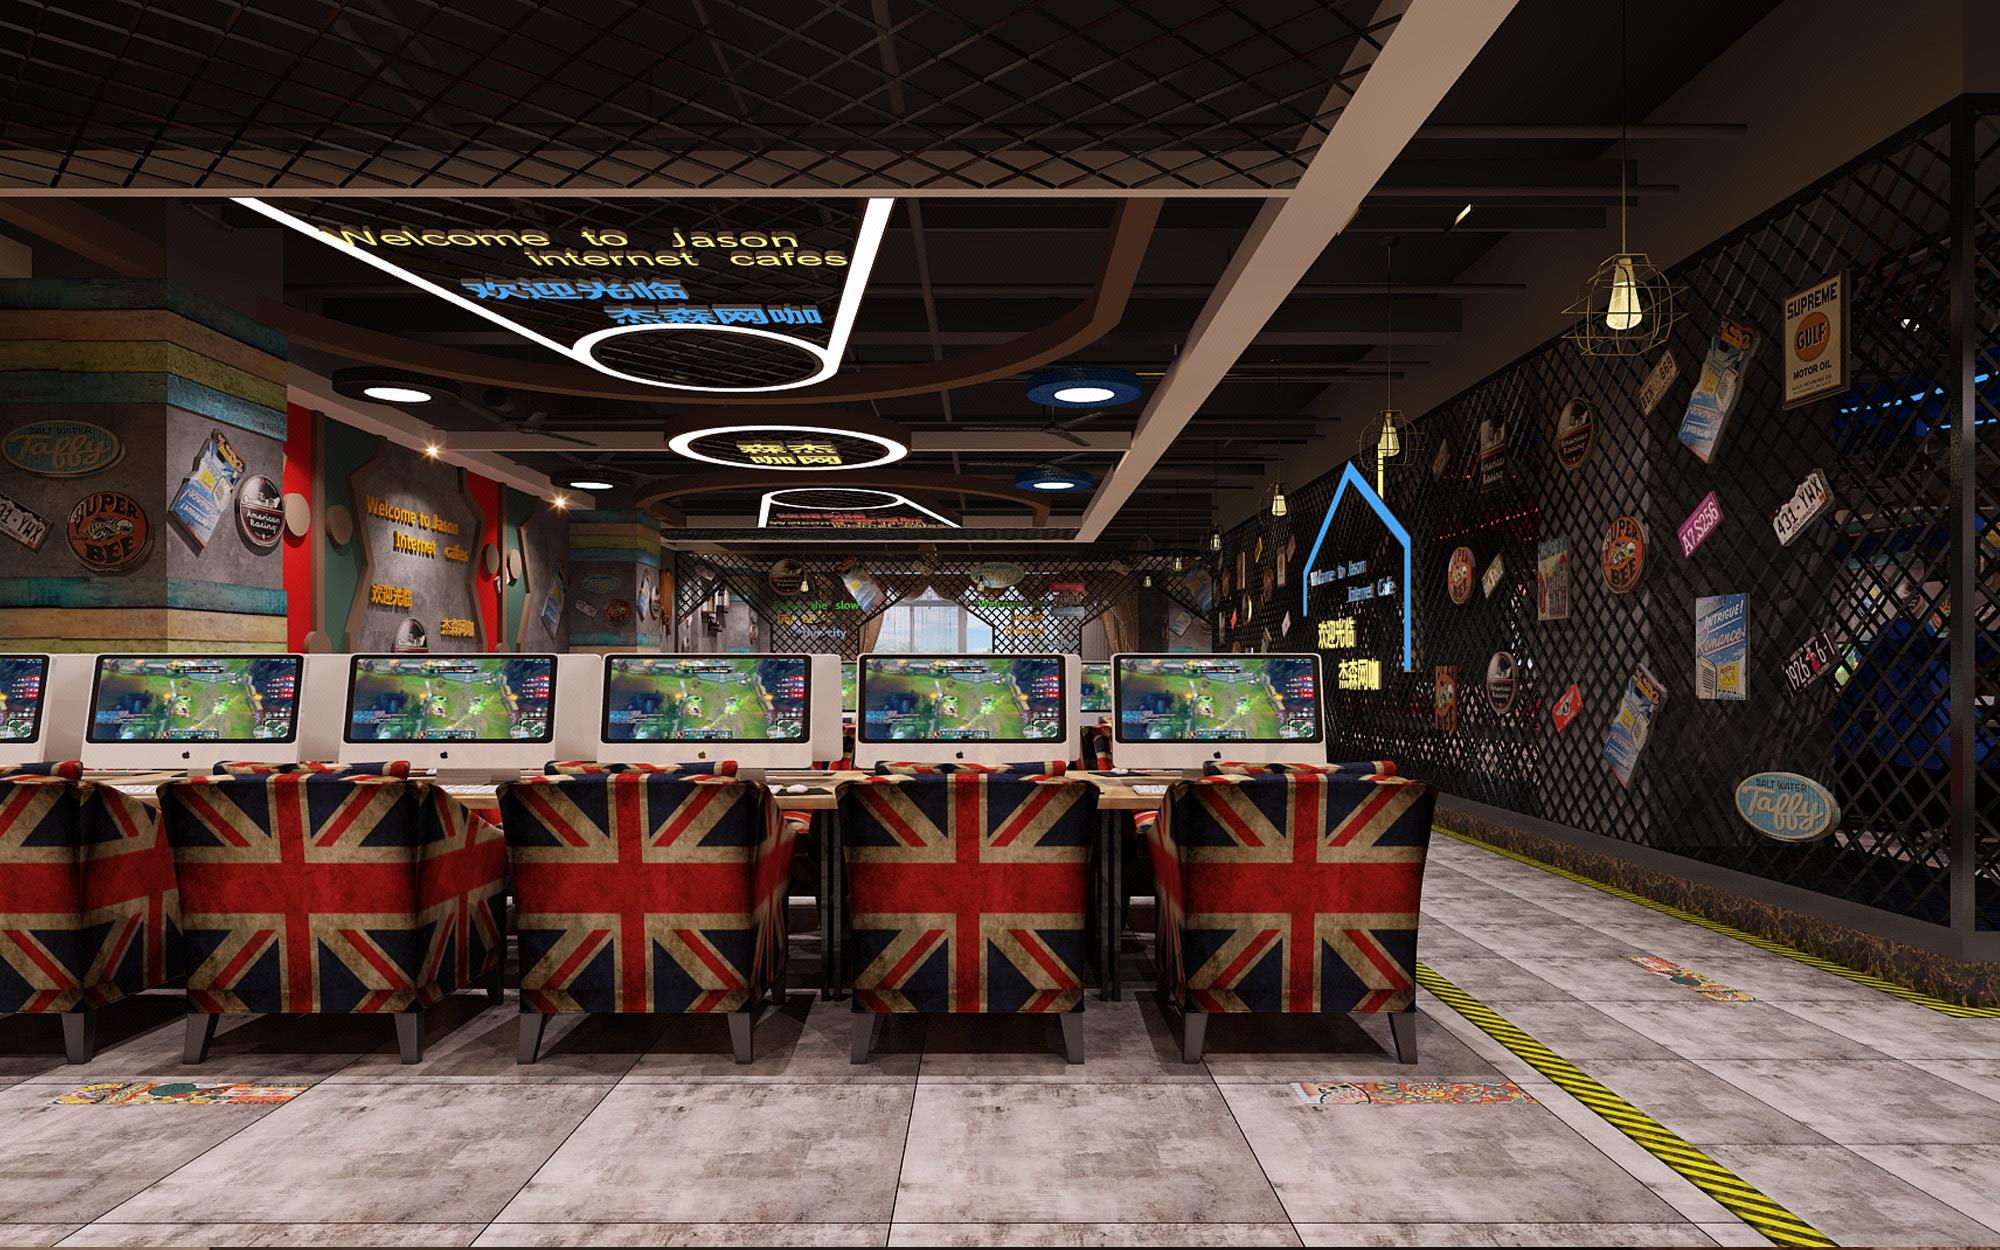 娱乐休闲 电玩竞技 网咖KTV密室SPA健身主题店铺装修设计